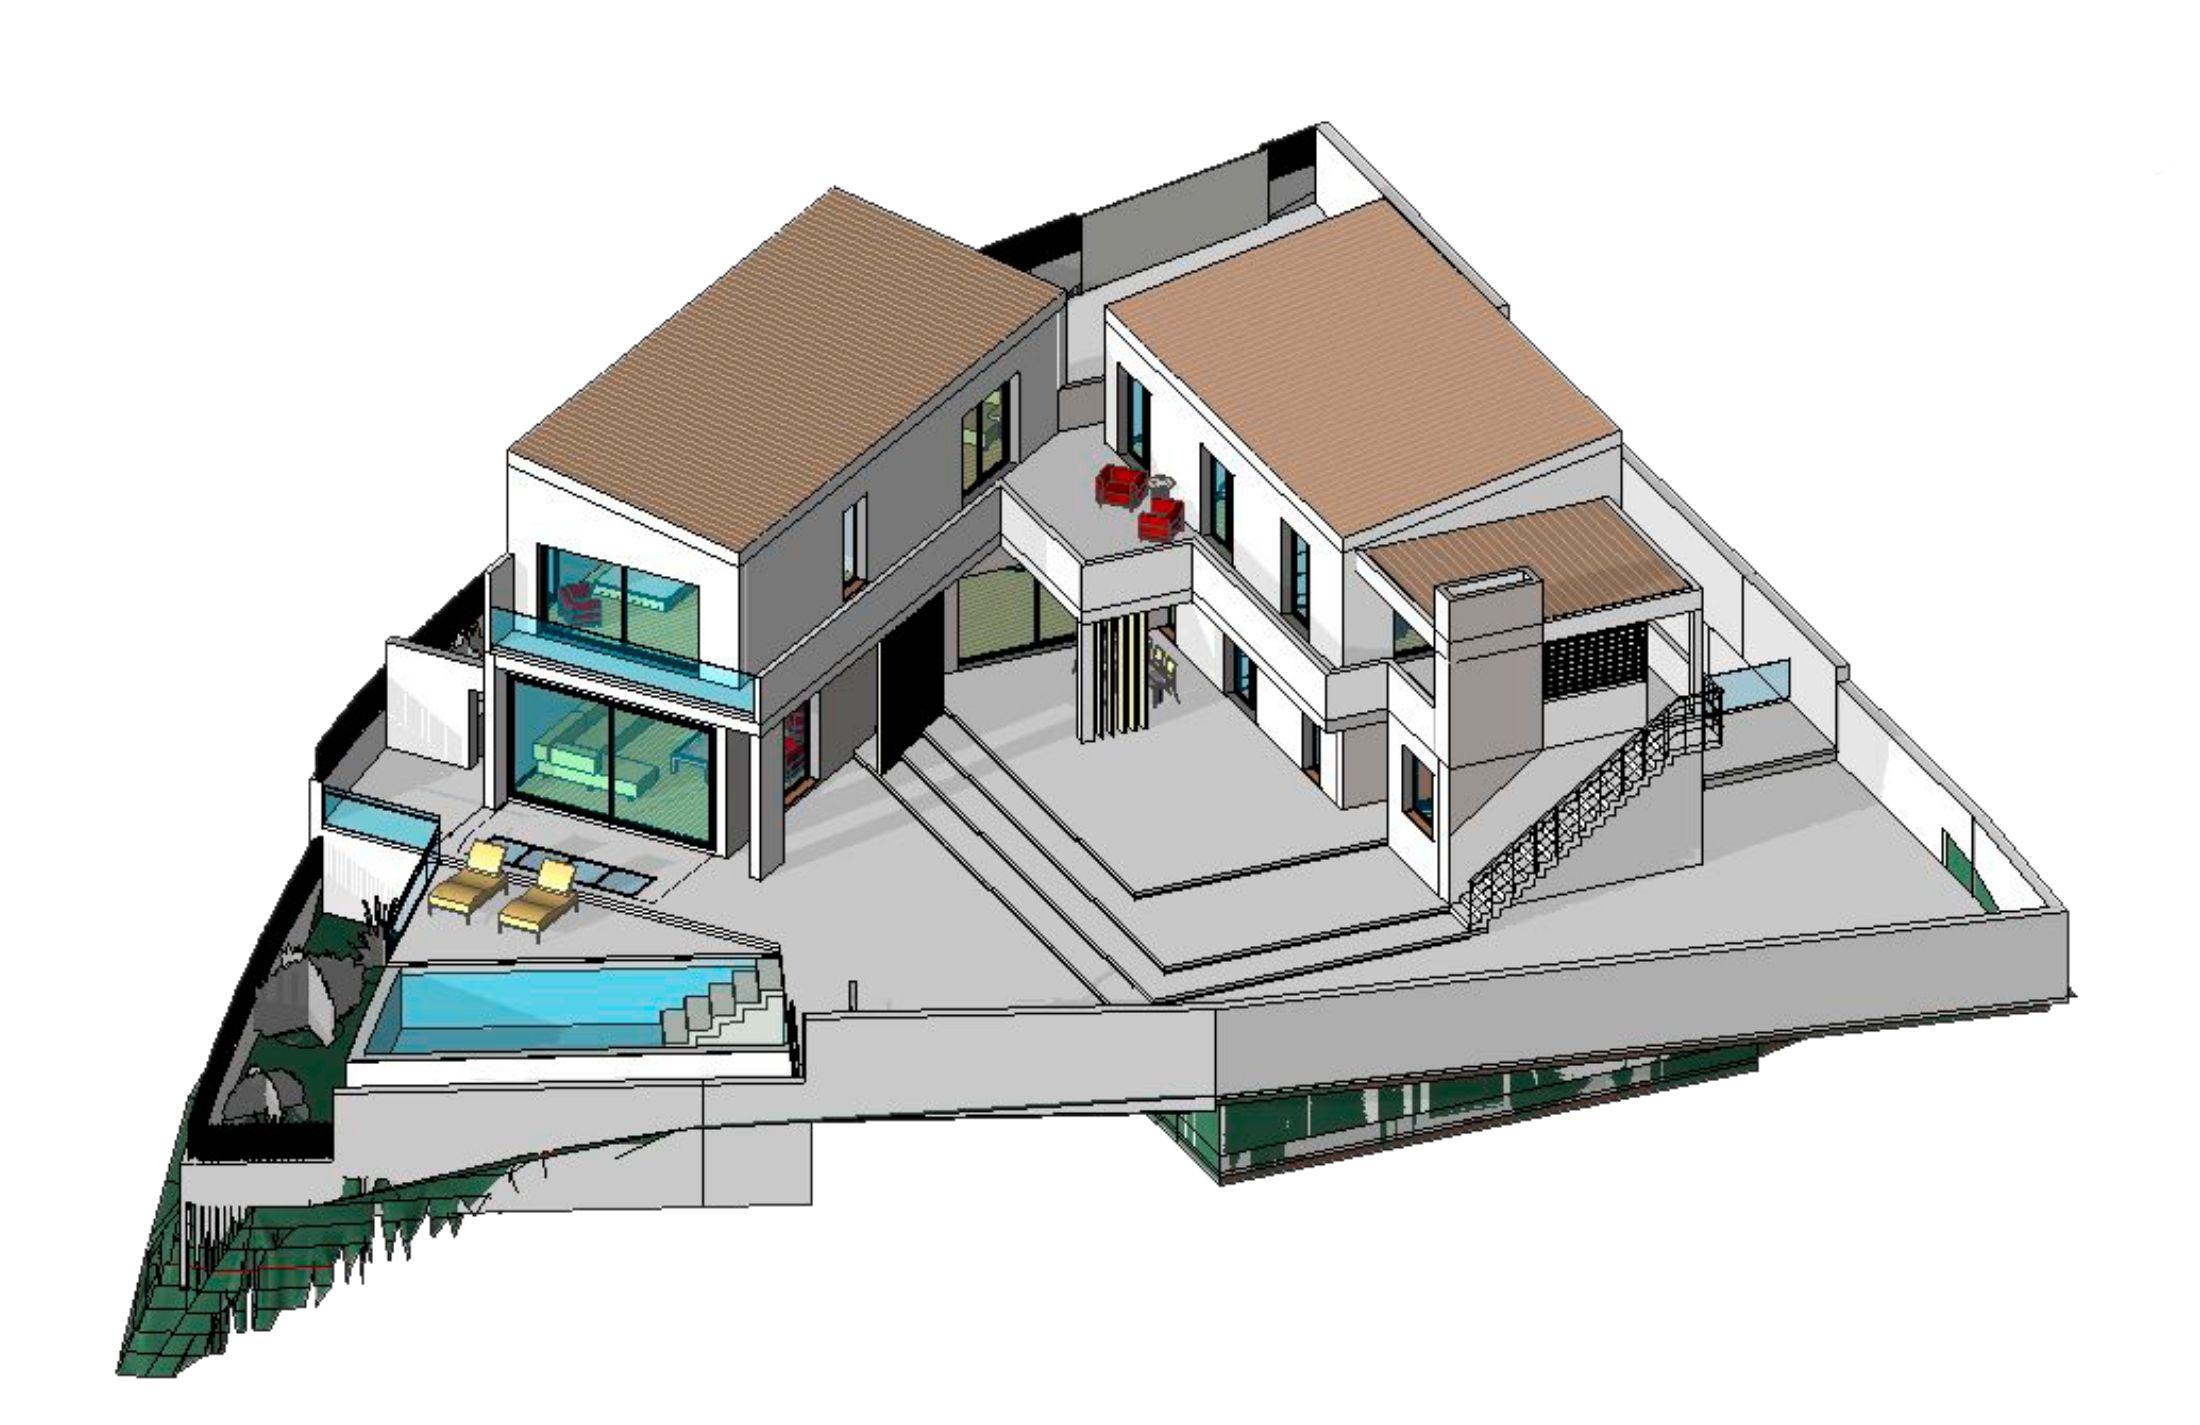 nueva villa en la costa del sol 005